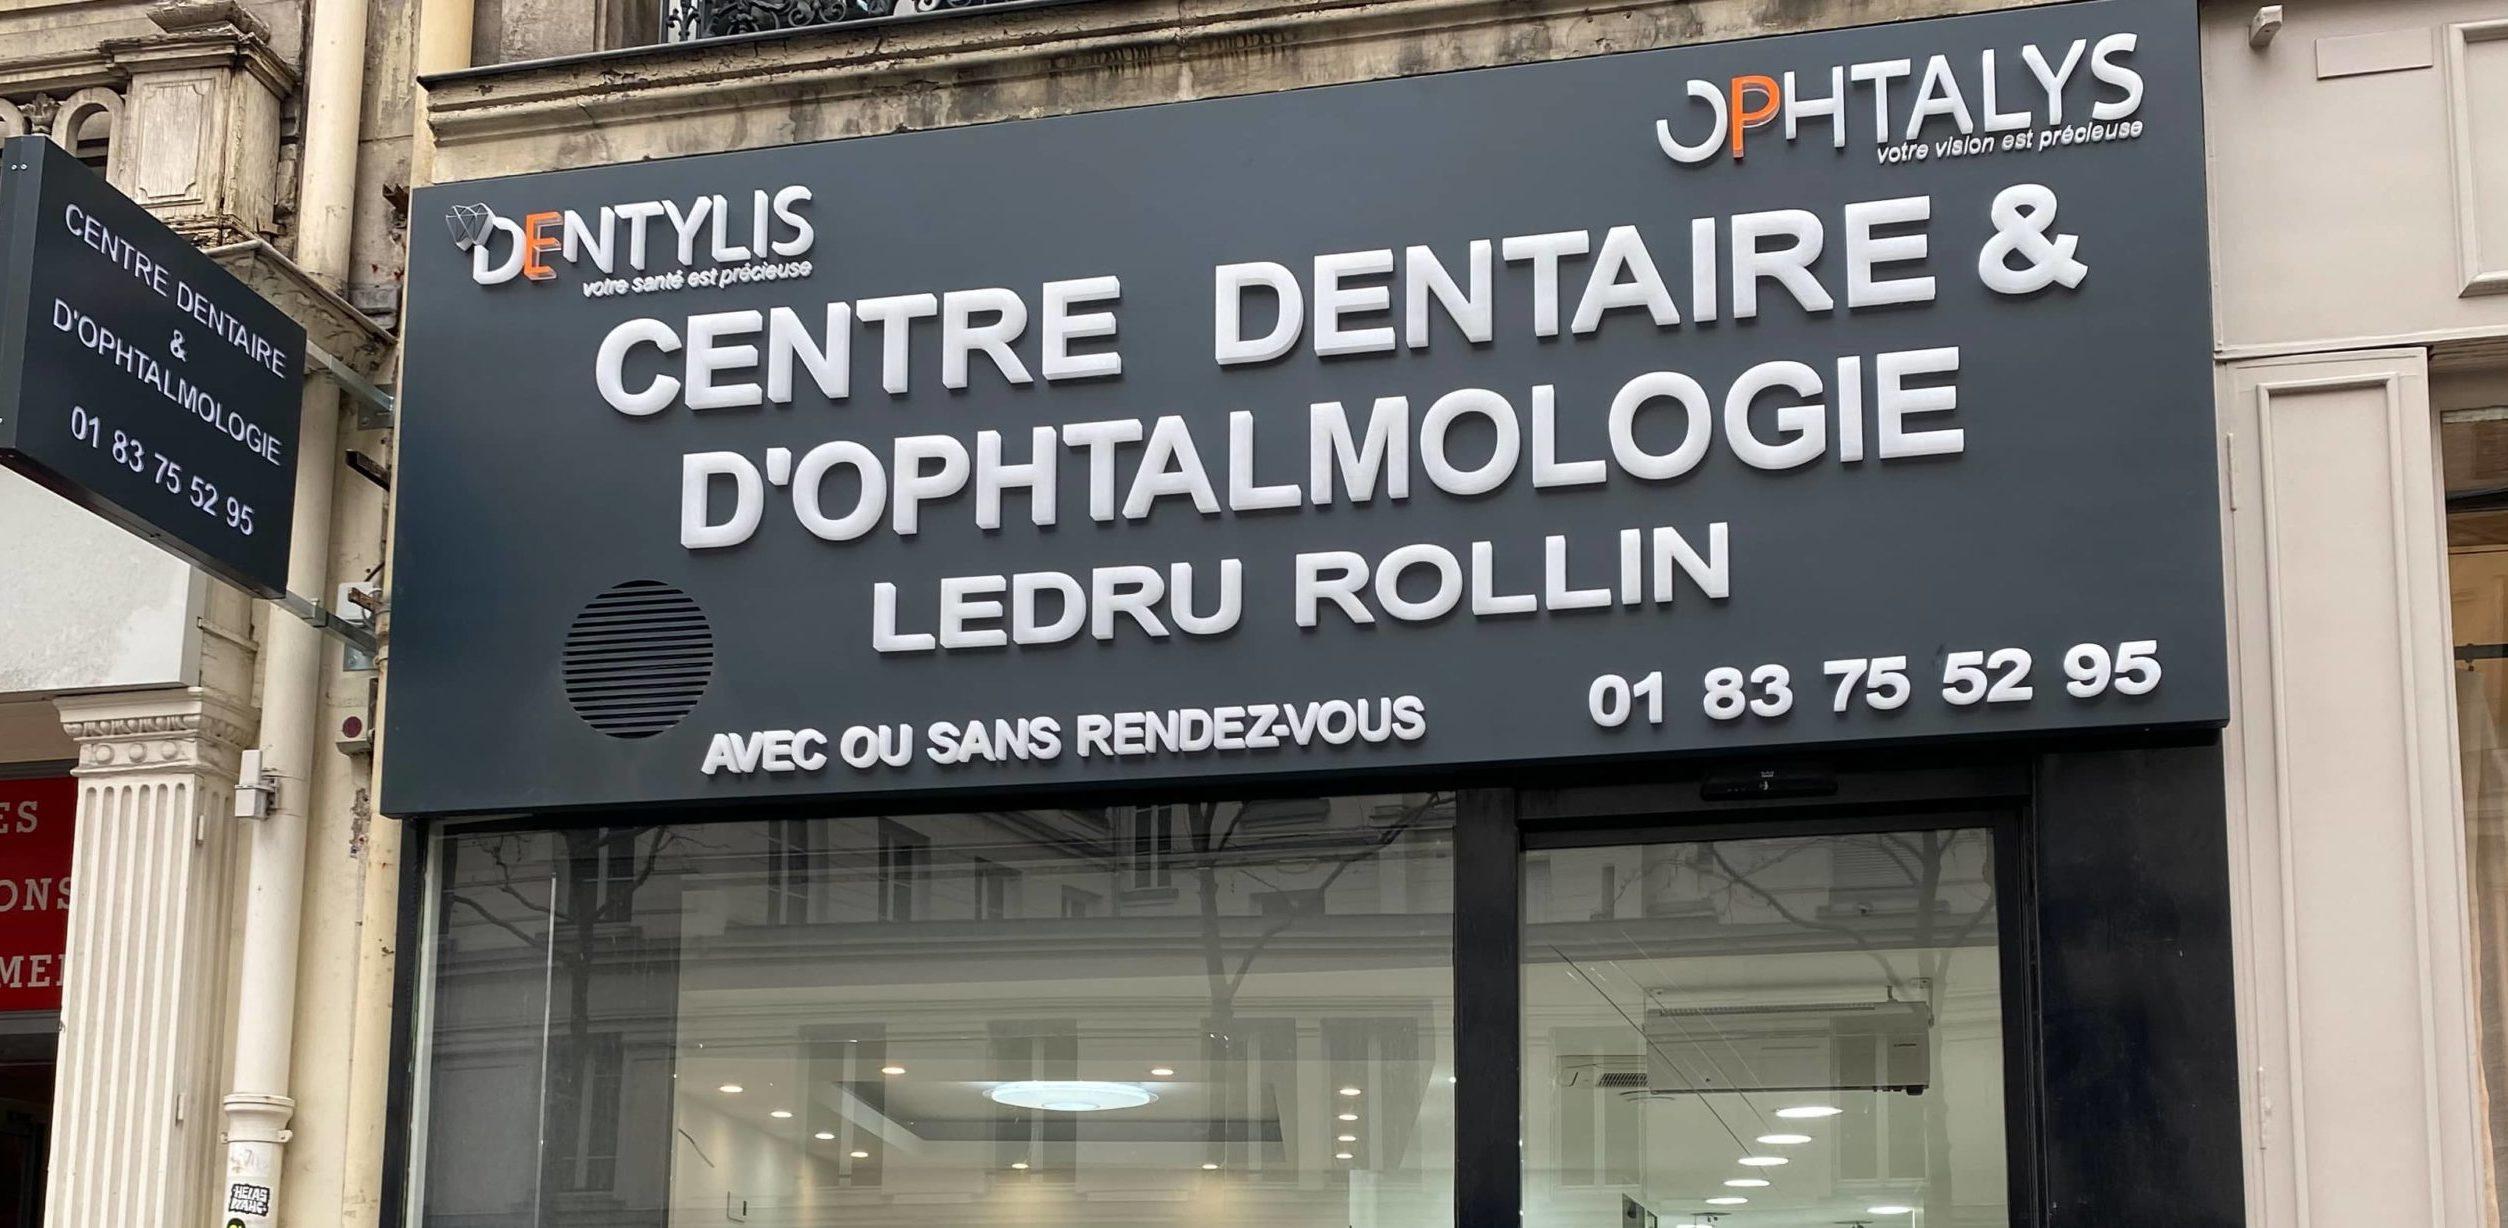 Centre dentaire et ophtalmologie Paris 12 Ledru Rollin